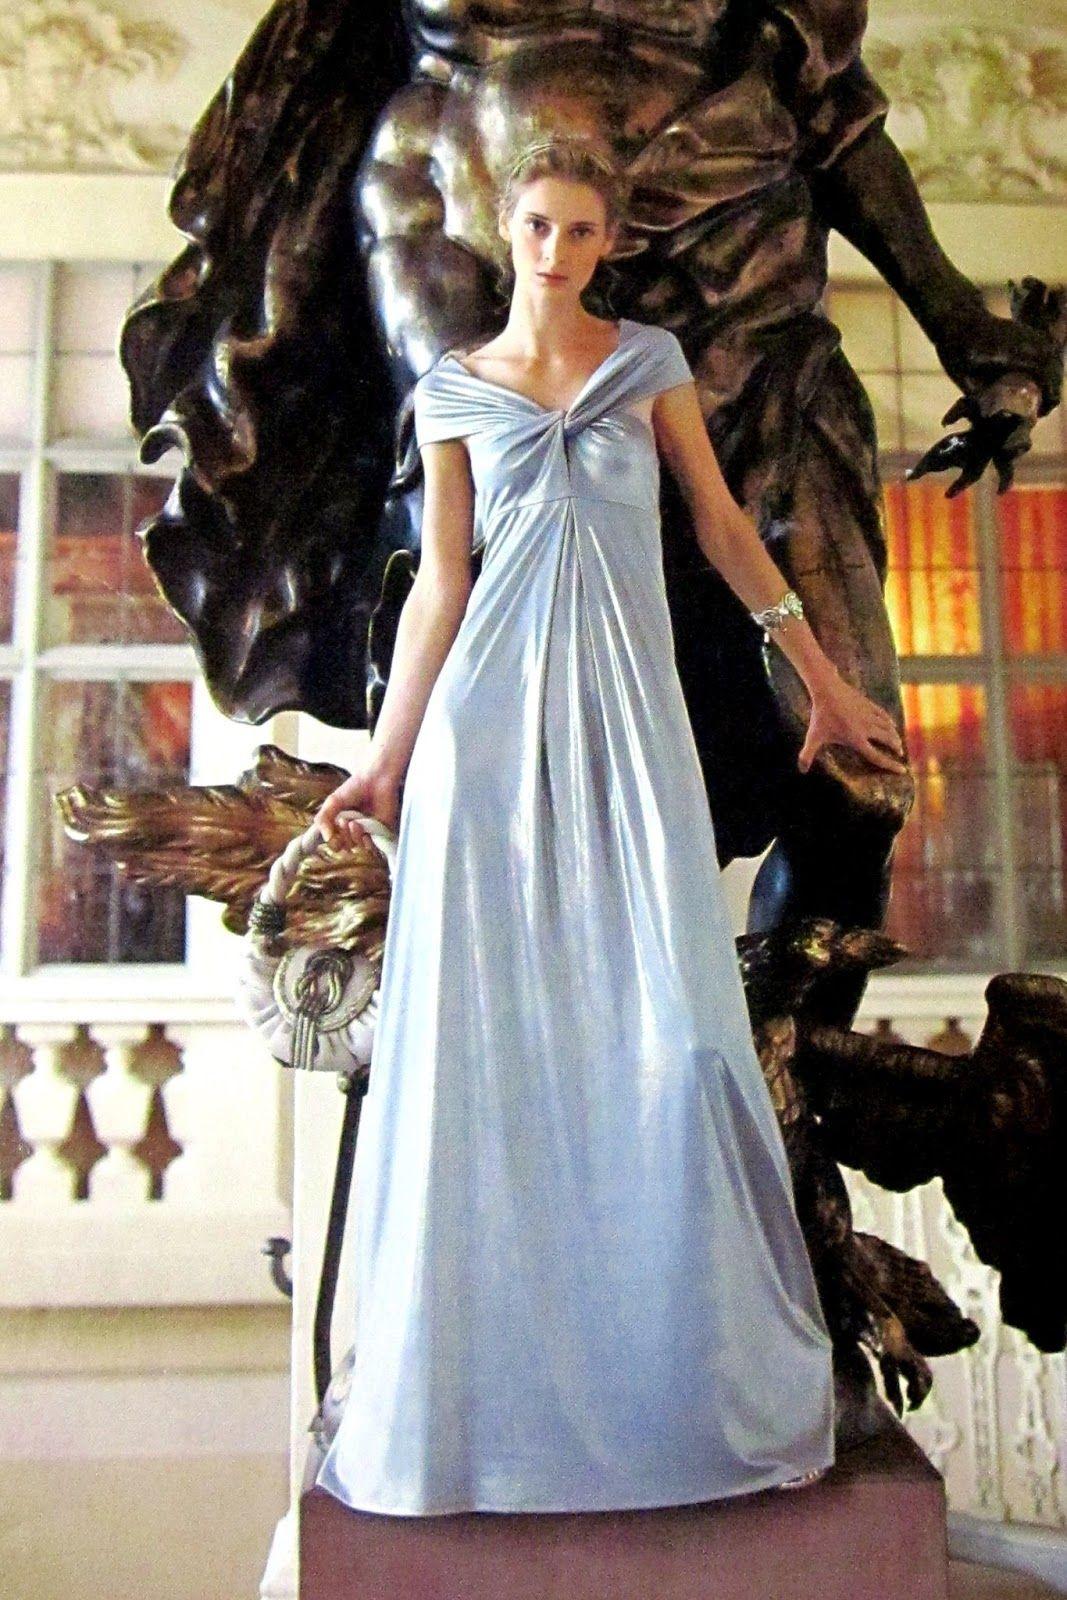 Patrones de vestidos gratis para imprimir en casa vestido de fiesta ...